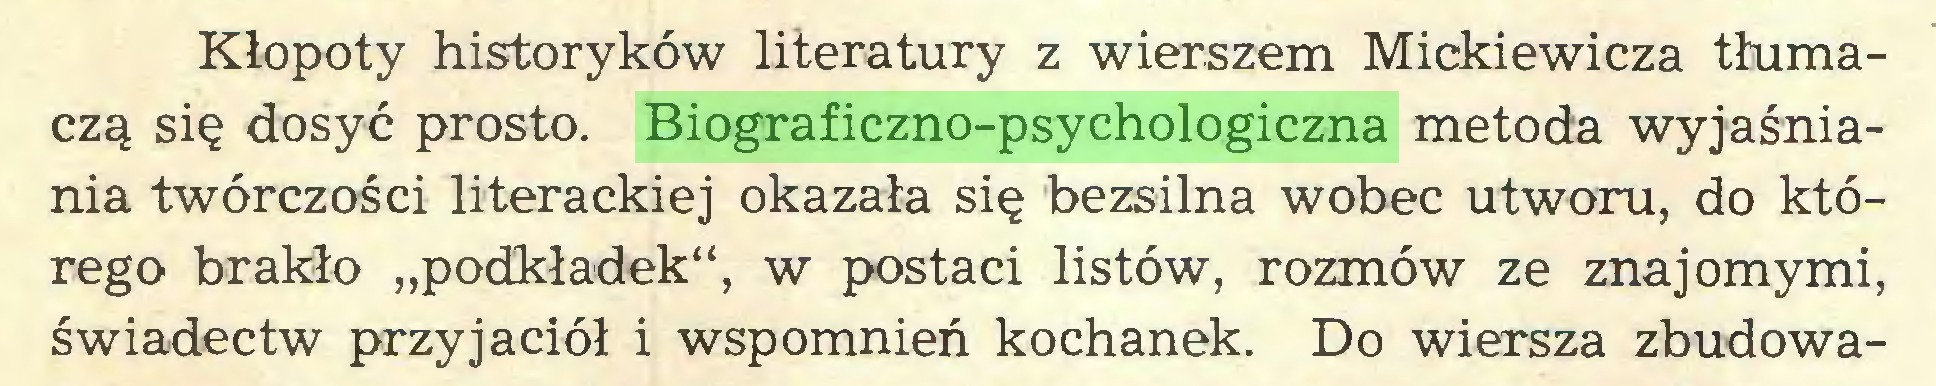 """(...) Kłopoty historyków literatury z wierszem Mickiewicza tłumaczą się dosyć prosto. Biograficzno-psychologiczna metoda wyjaśniania twórczości literackiej okazała się bezsilna wobec utworu, do którego brakło """"podkładek"""", w postaci listów, rozmów ze znajomymi, świadectw przyjaciół i wspomnień kochanek. Do wiersza zbudowa..."""